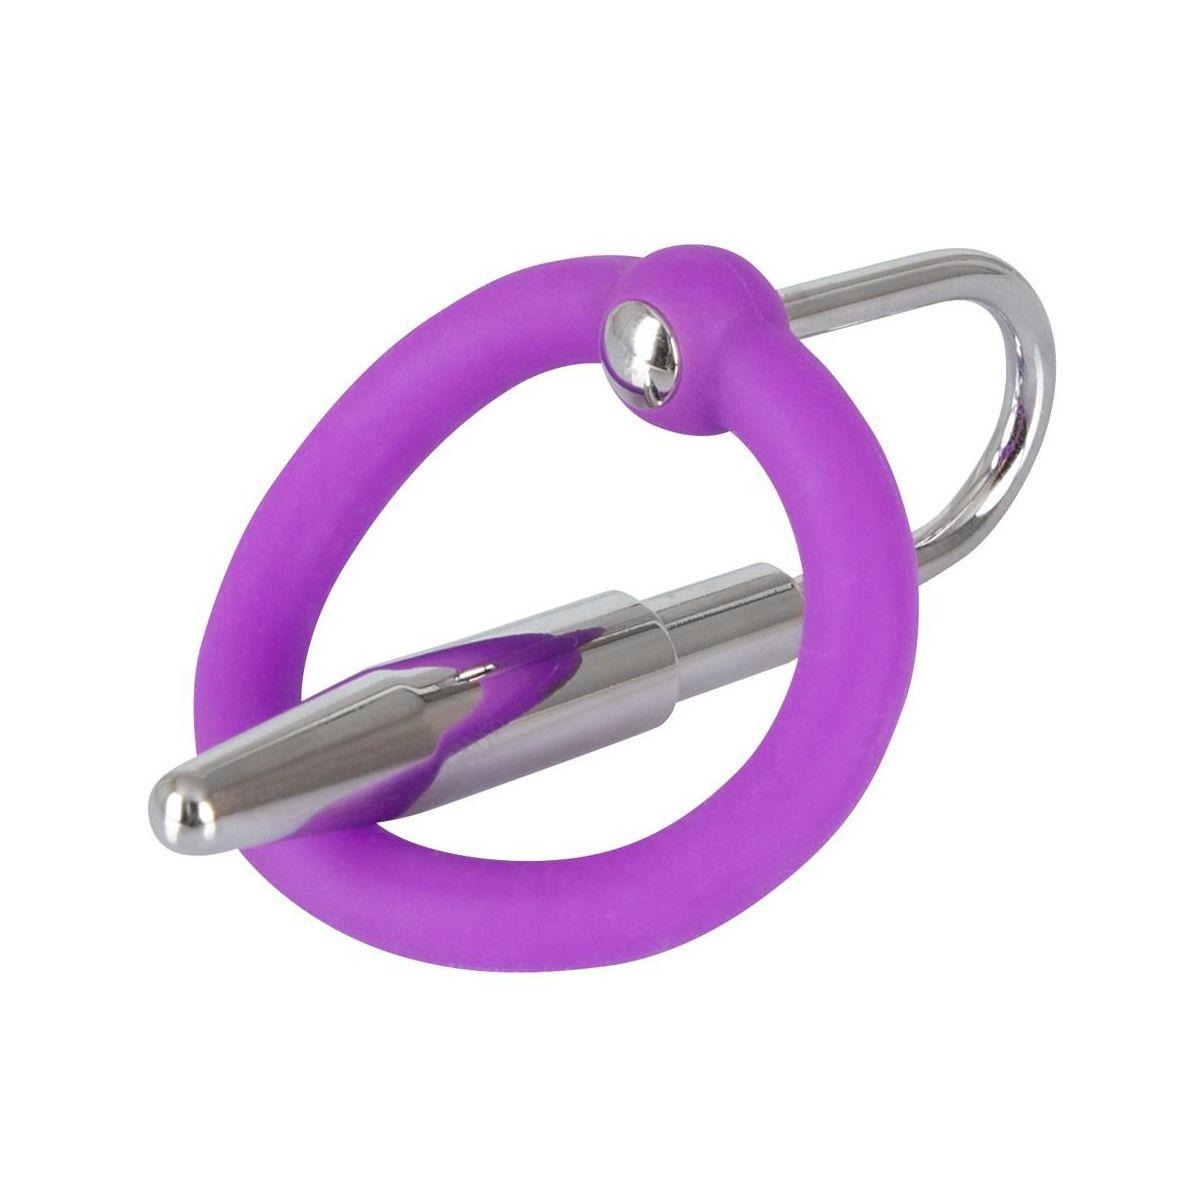 Sofisticado anillo para el glande y dilatador de uretra incluido